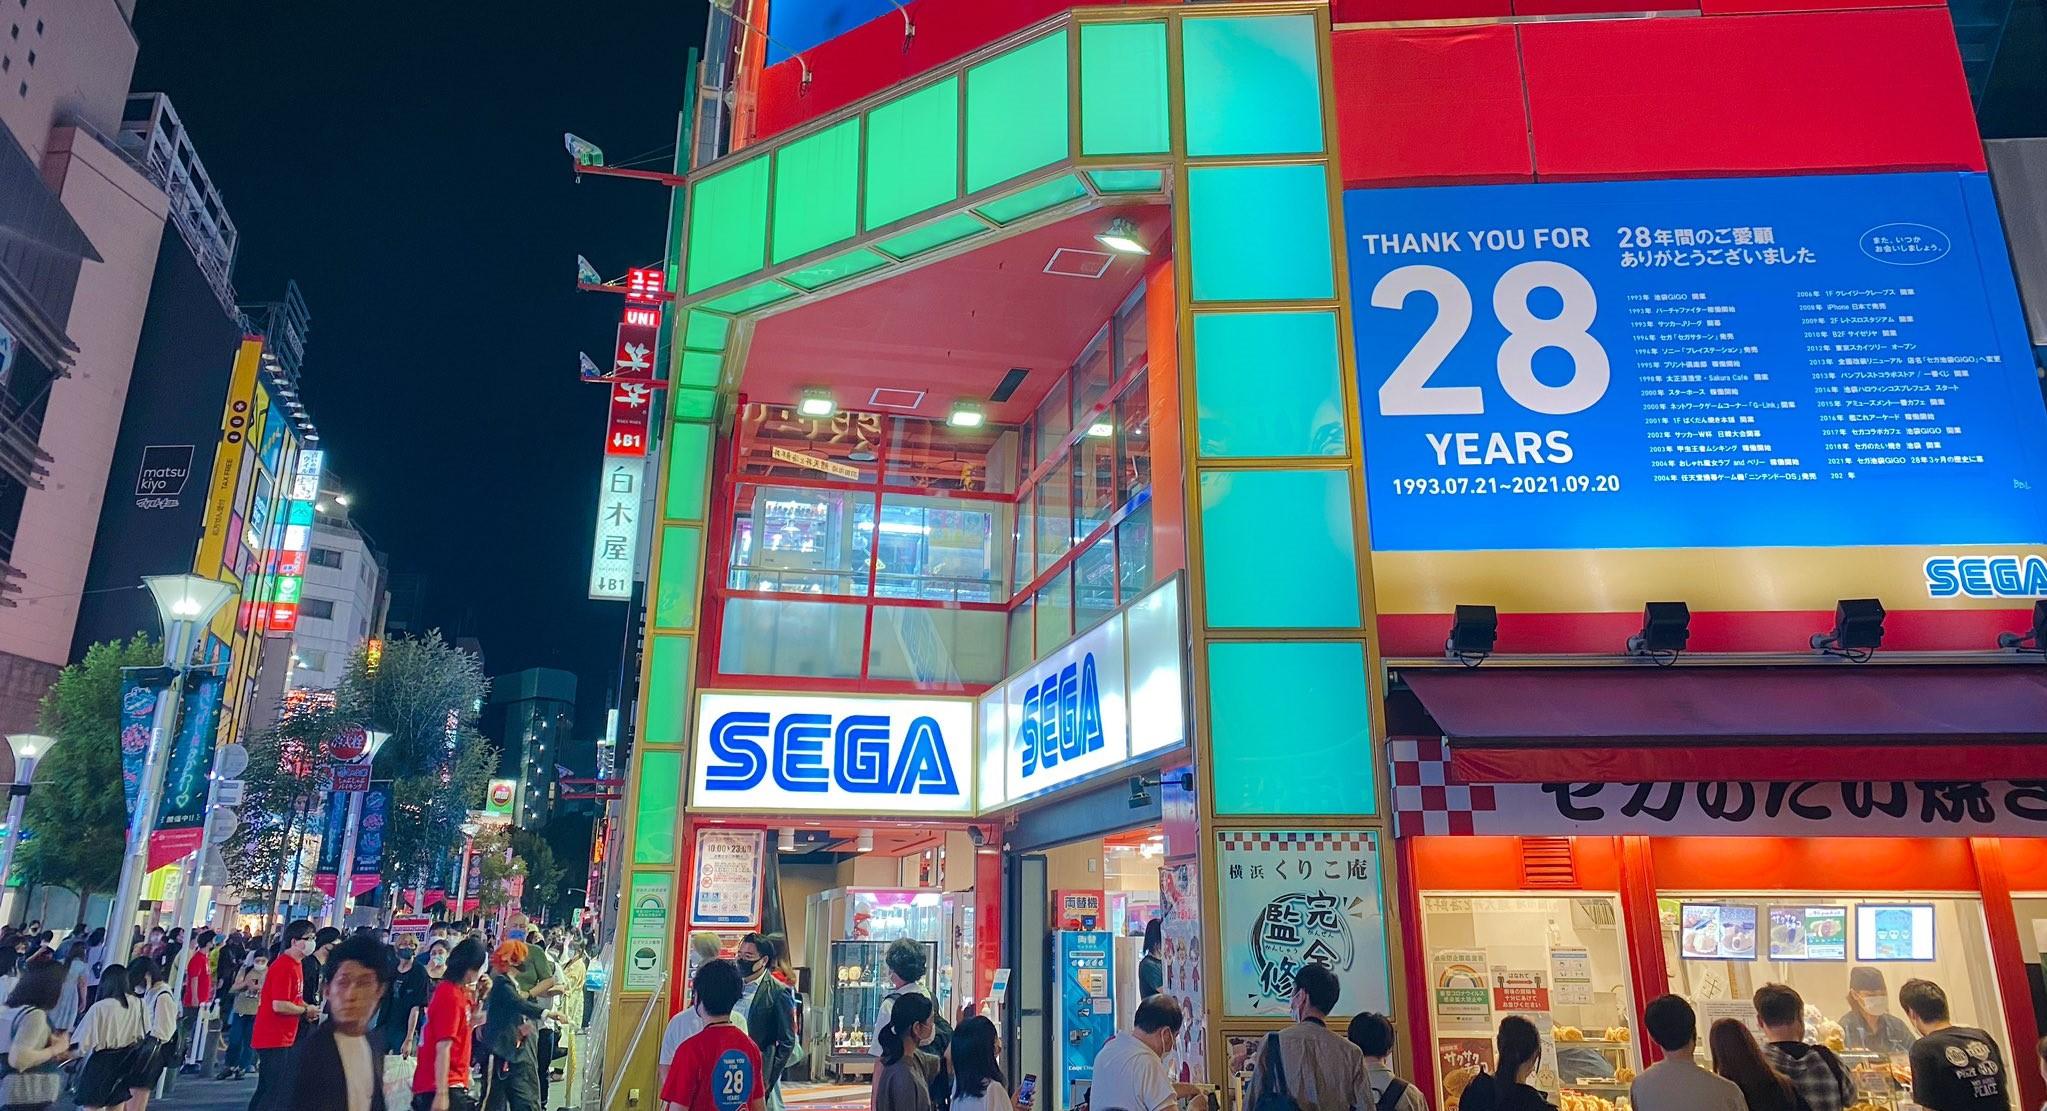 sega-arcade-chiusura